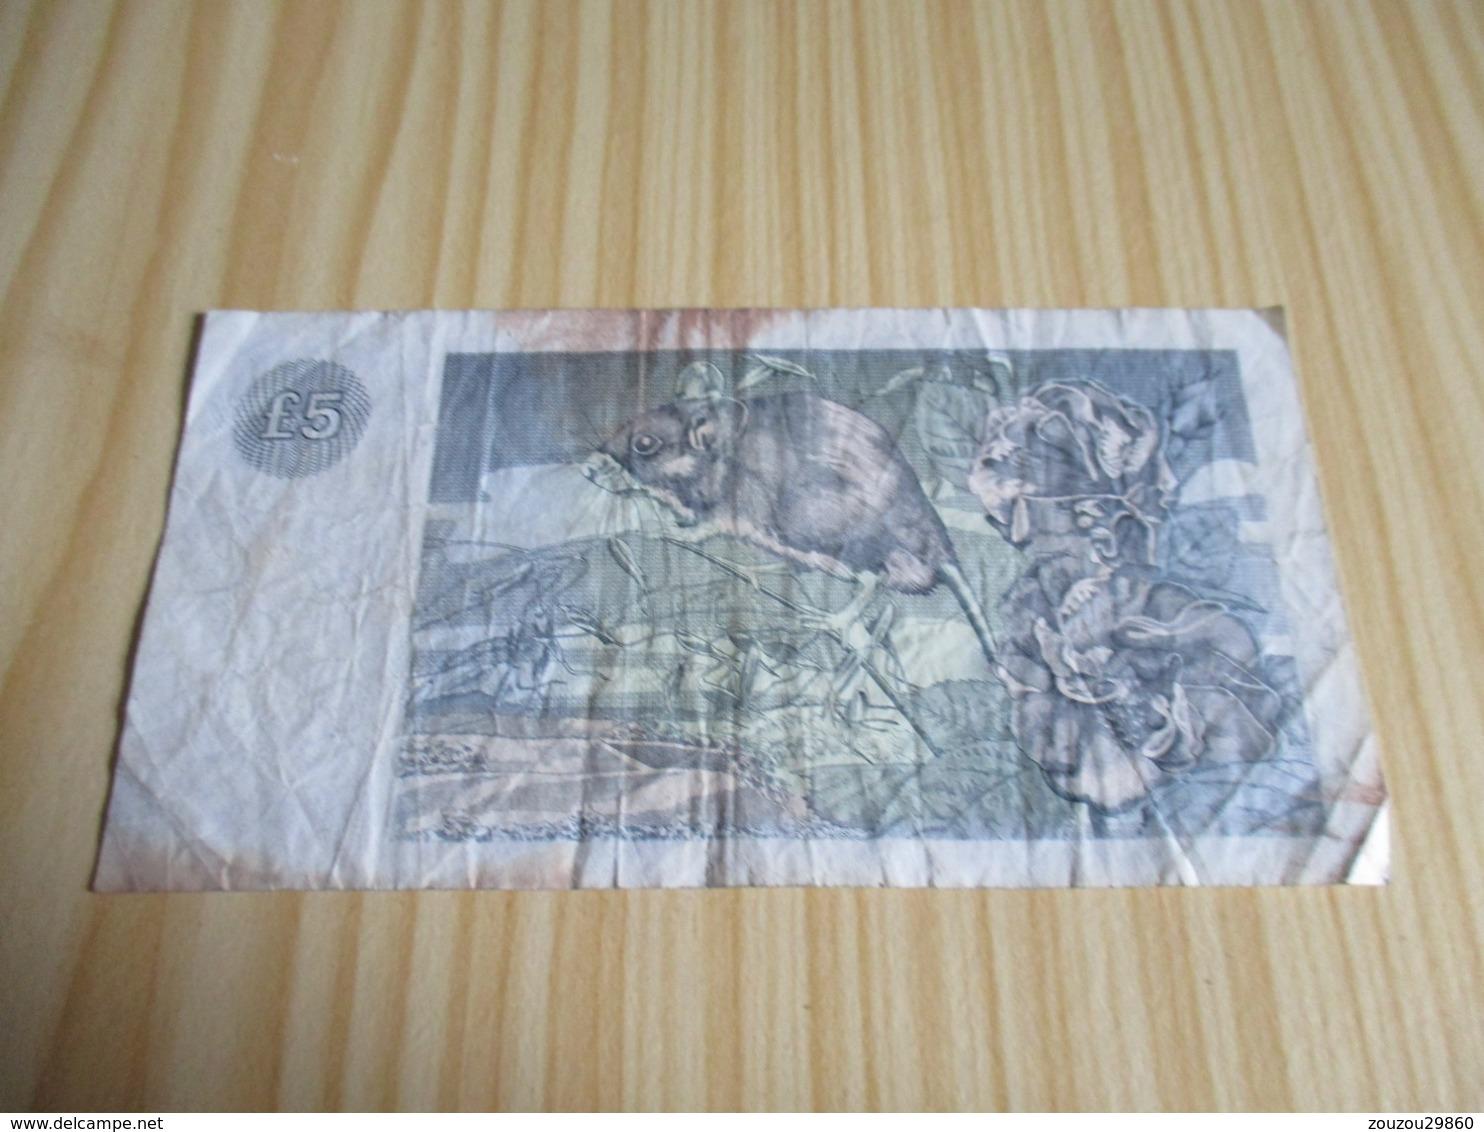 Ecosse.Billet 5 Livres Sterling 02/08/1988. - [ 3] Scotland